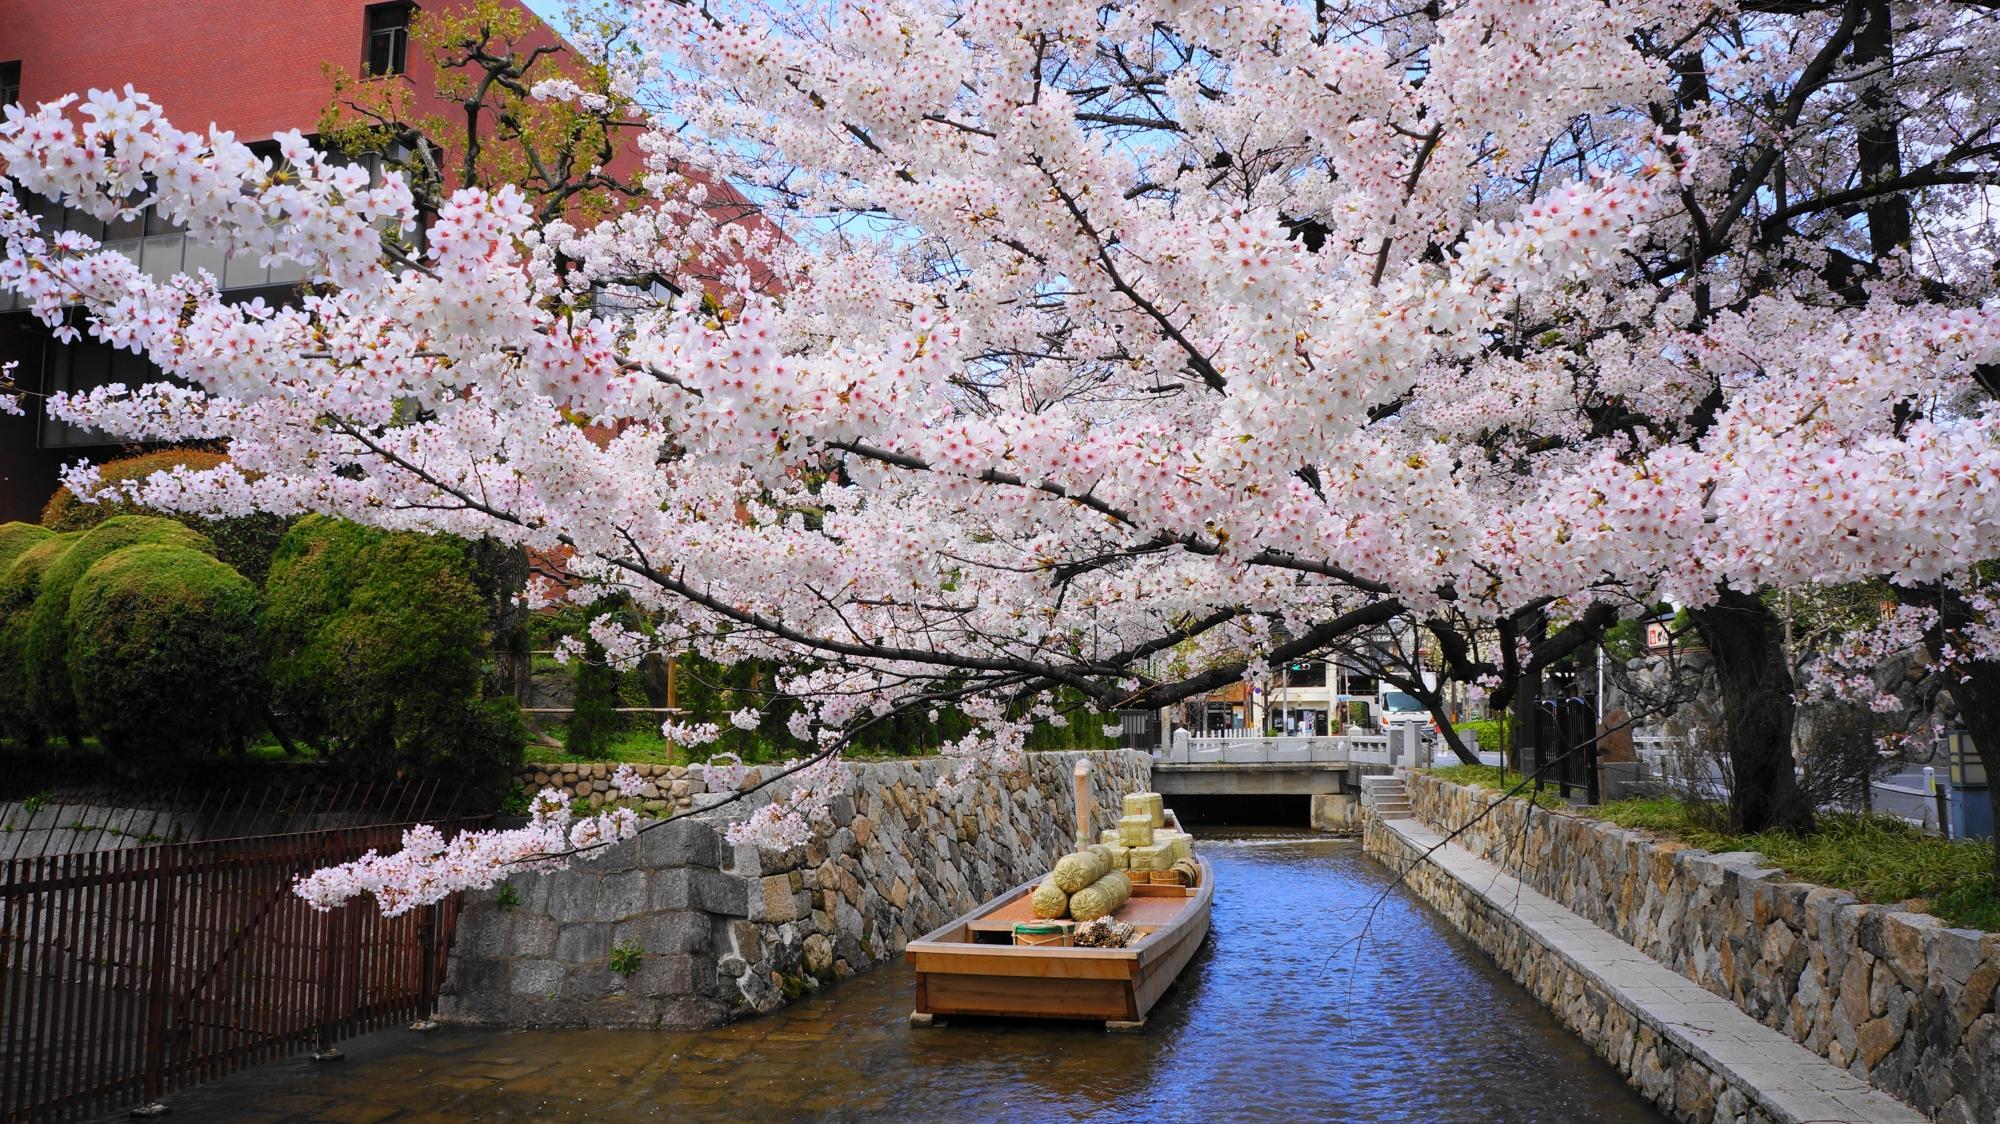 高瀬川一之船入の素晴らしい桜と春の情景